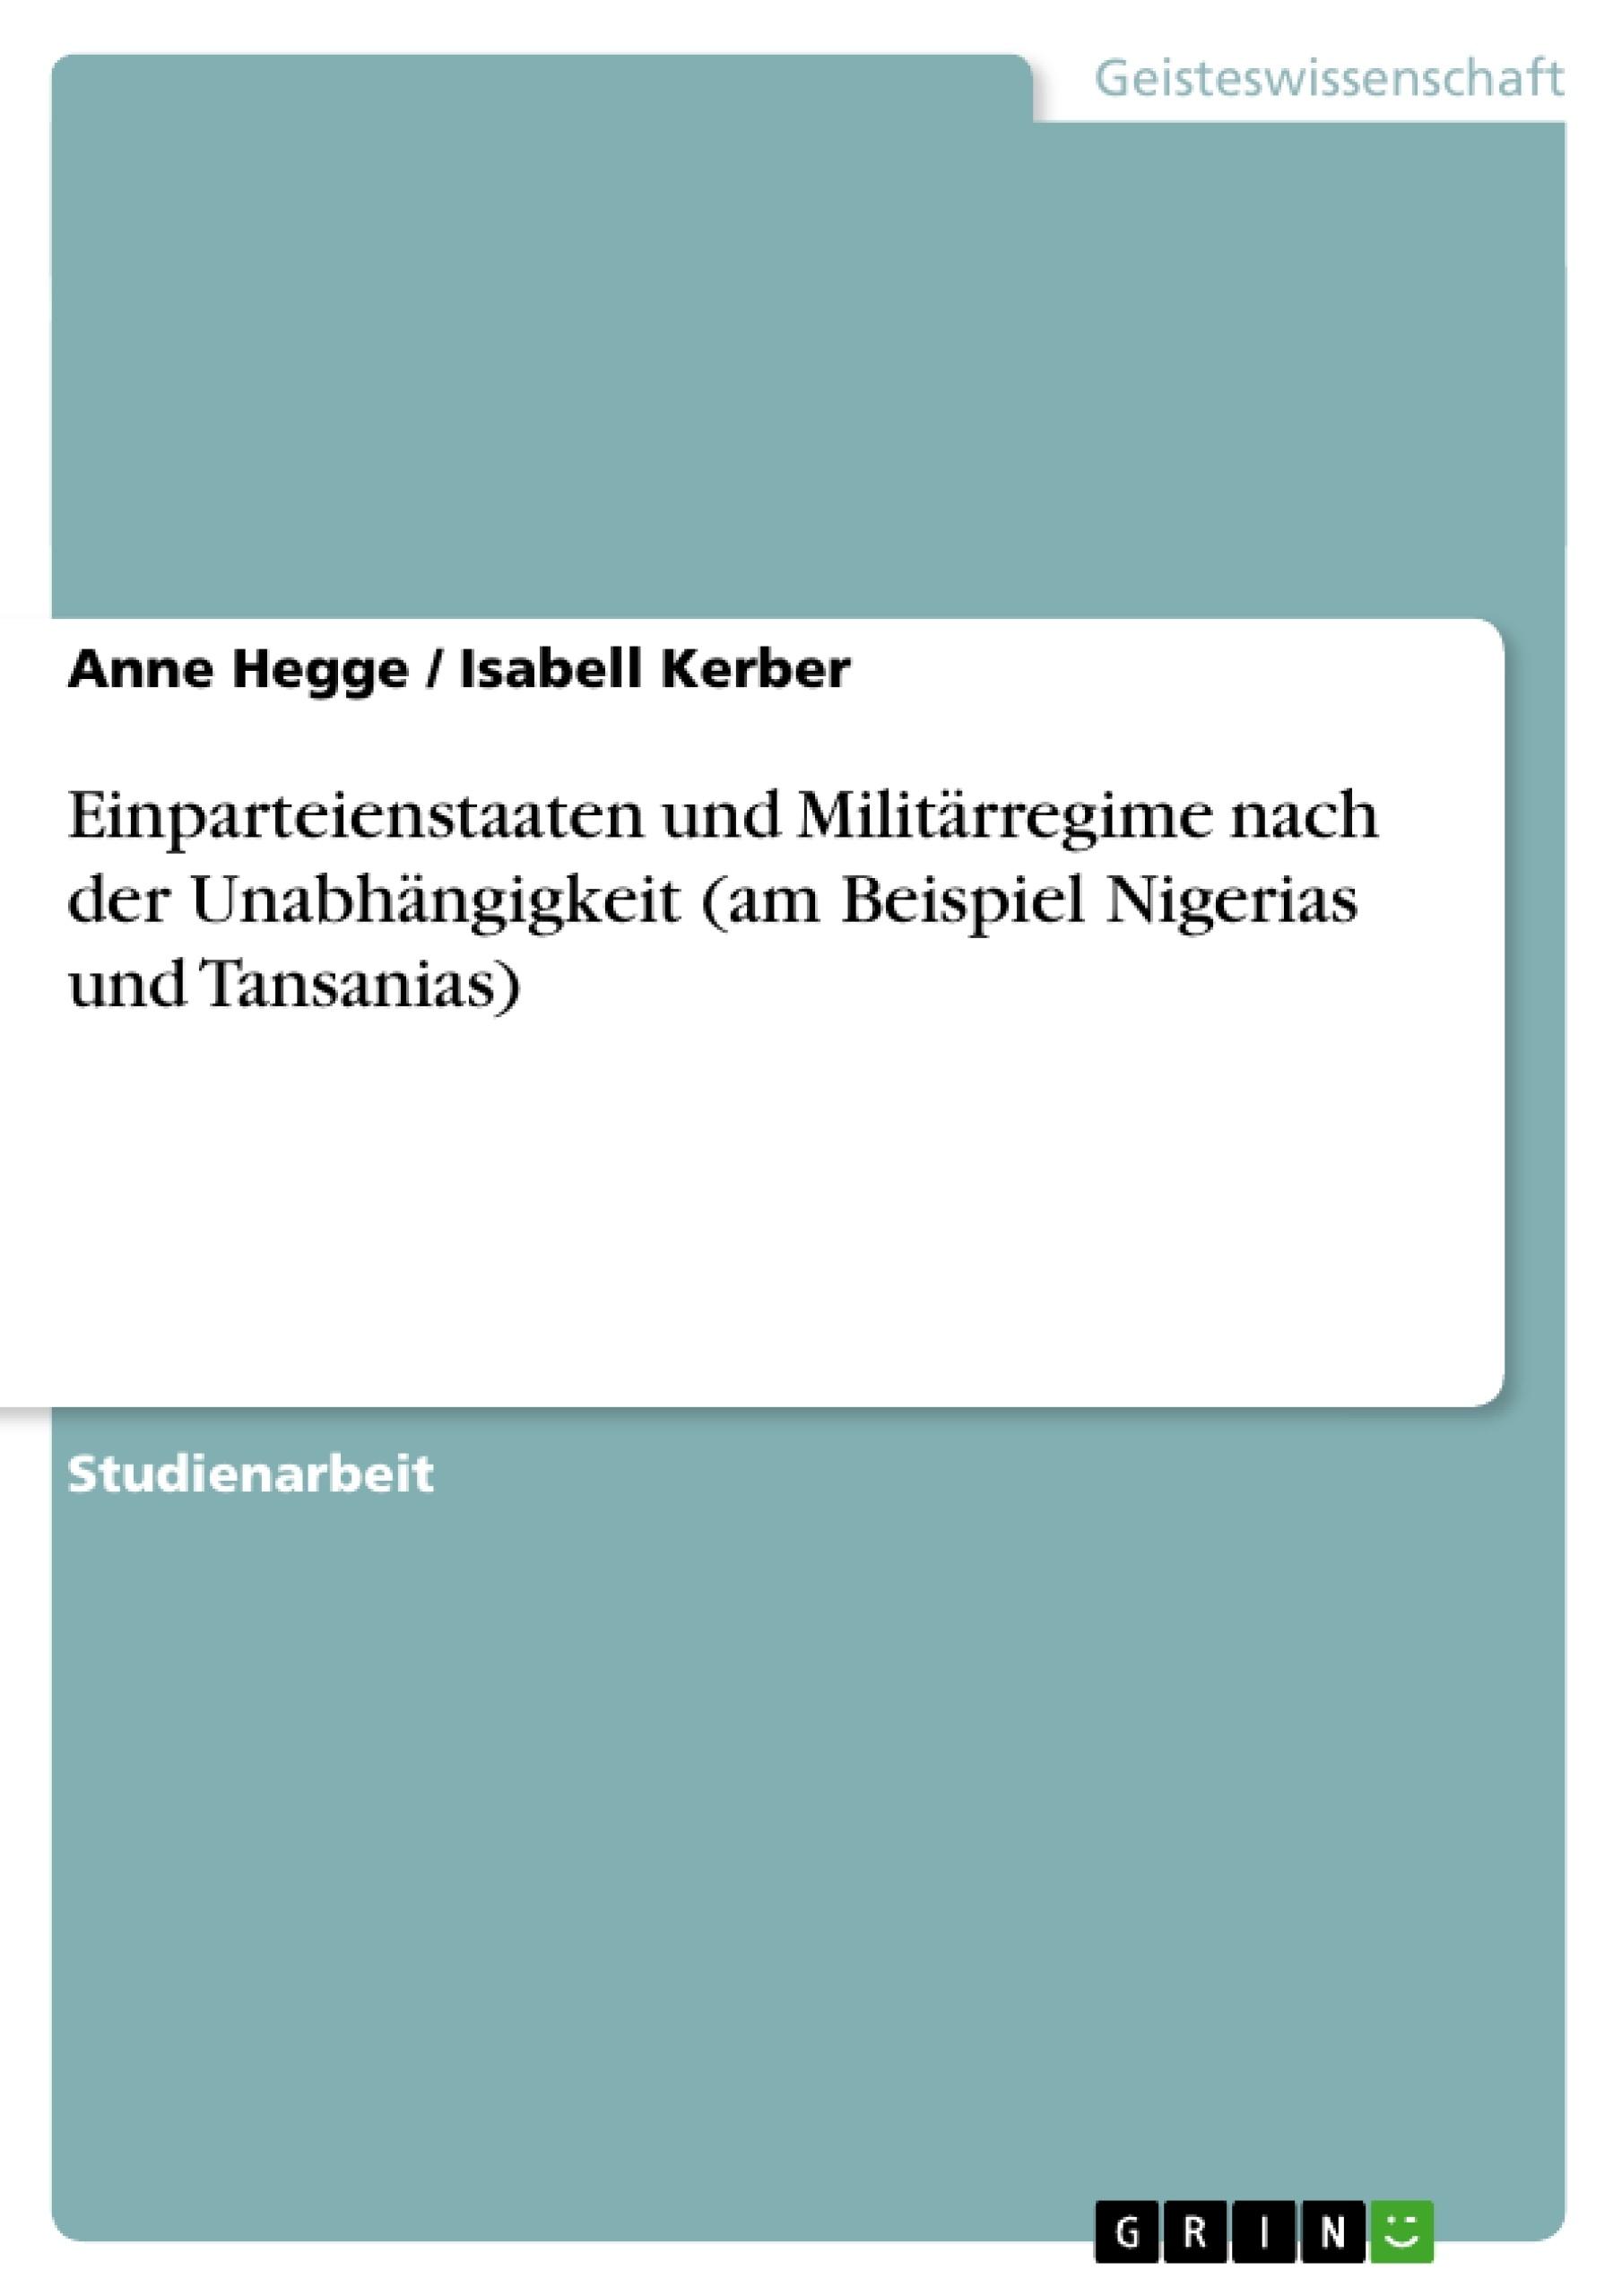 Titel: Einparteienstaaten und Militärregime nach der Unabhängigkeit (am Beispiel Nigerias und Tansanias)